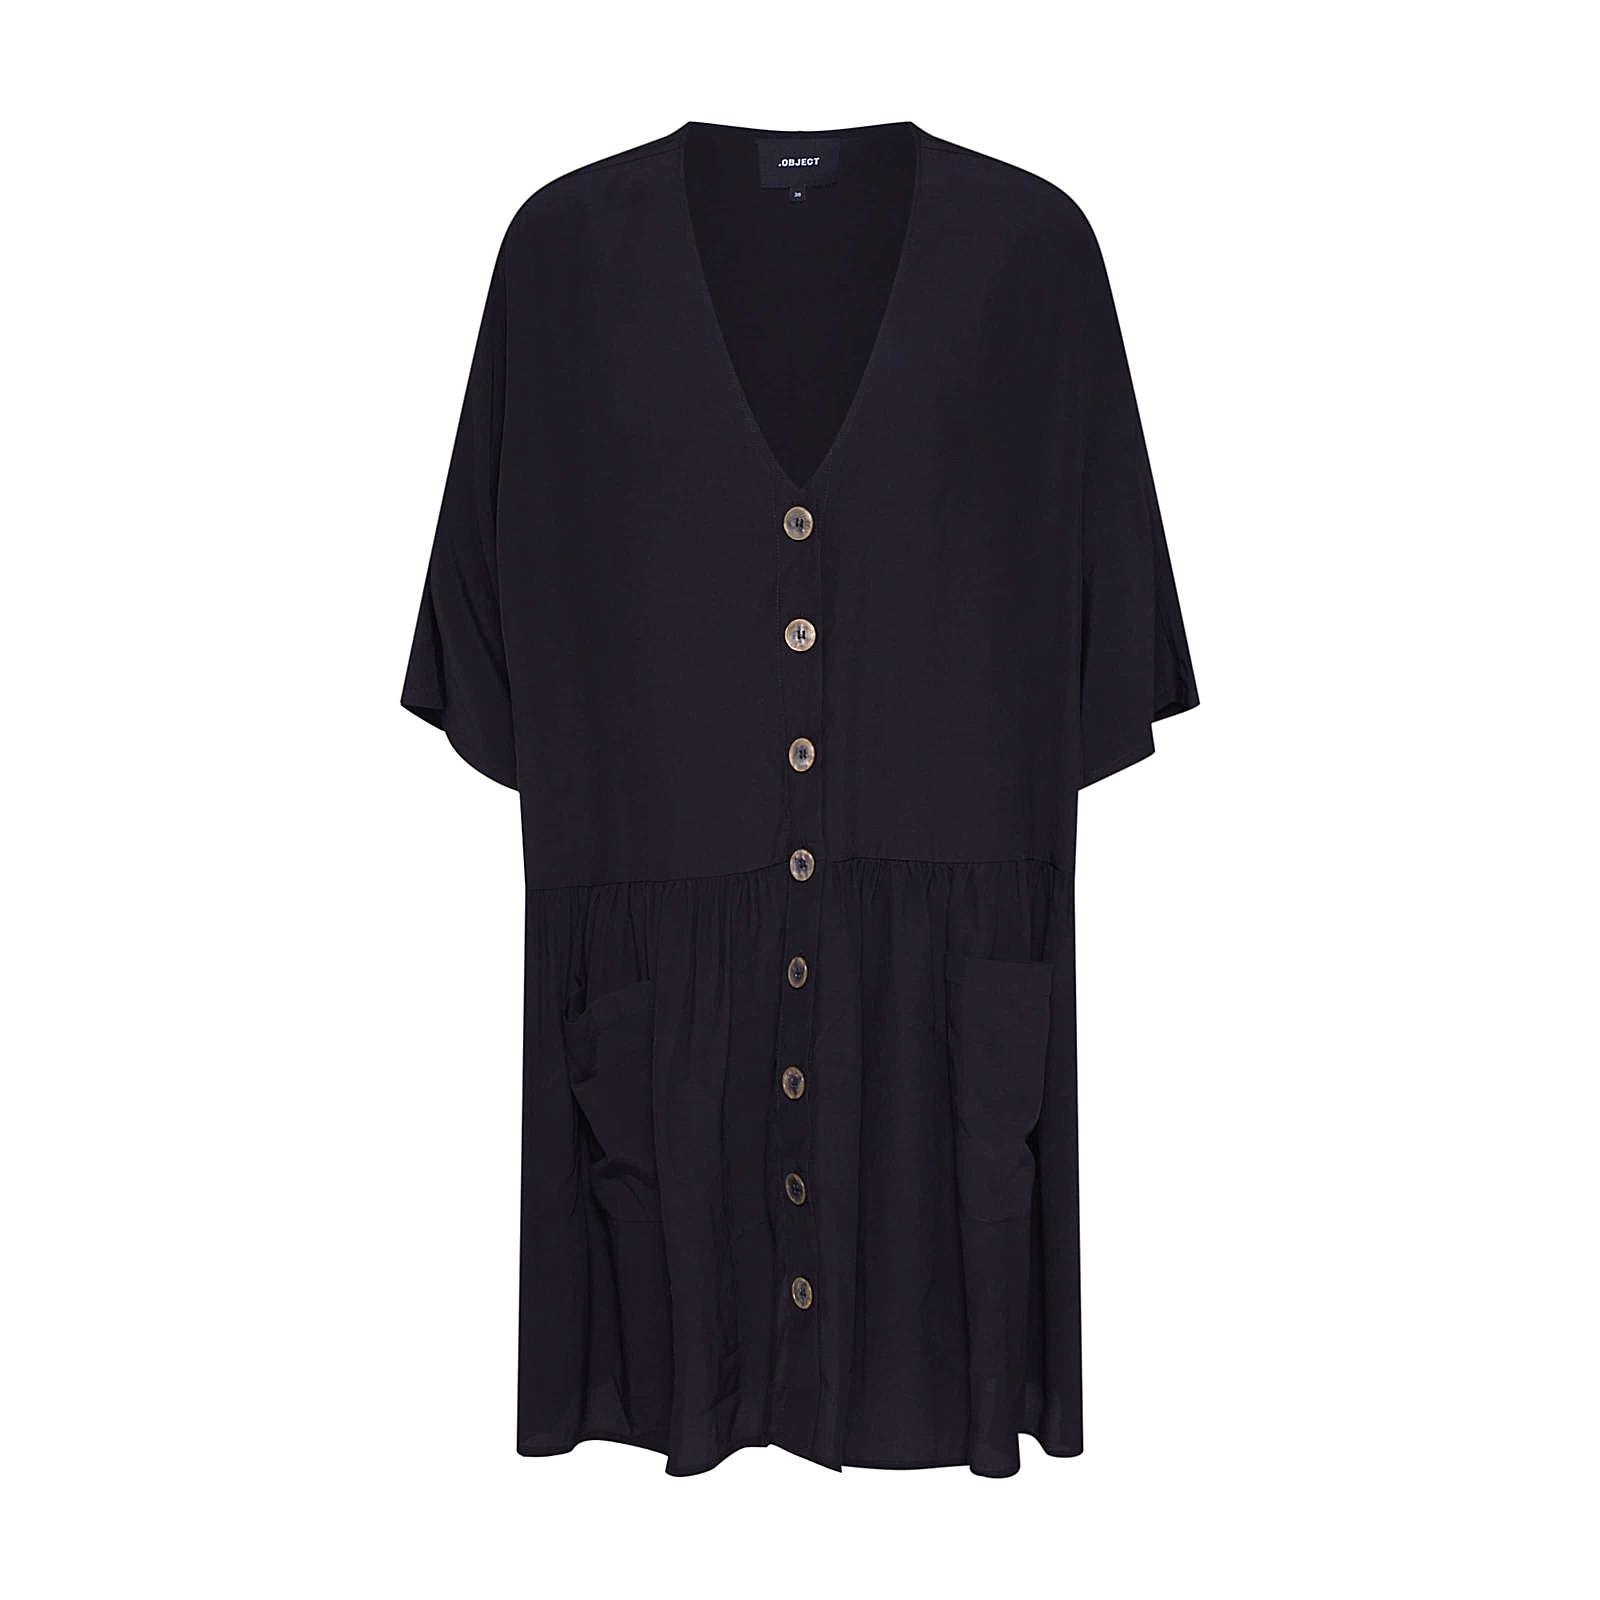 OBJECT Blusenkleid Blusenkleider schwarz Damen Gr. 34